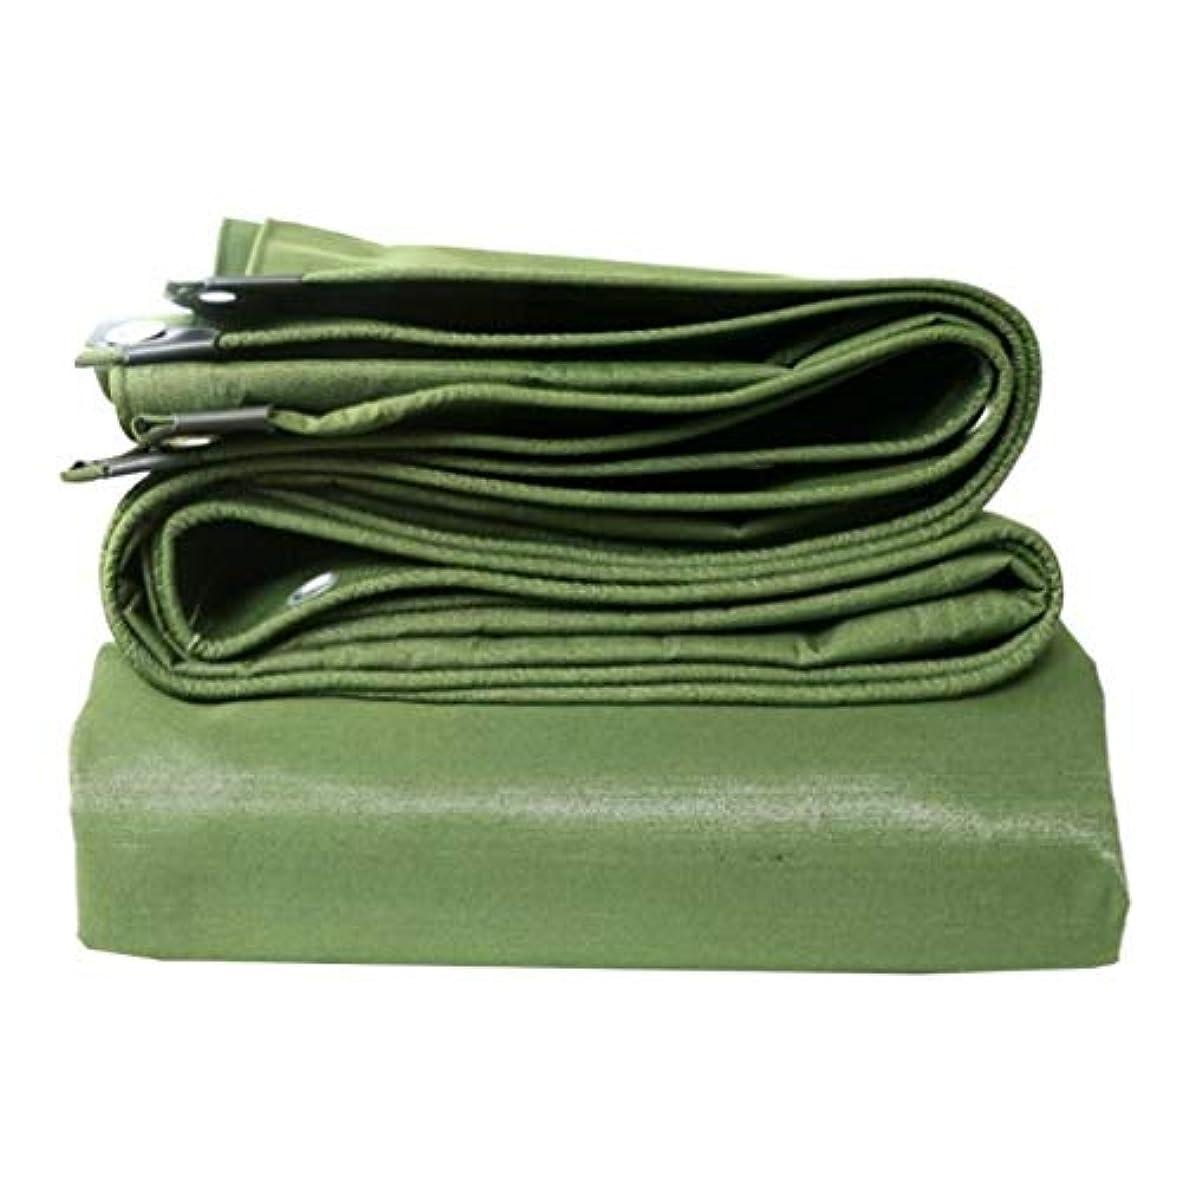 アウトドアセグメントもっと防水シート防水防水と紫外線保護ヘビーデューティ防水シート - 高密度織ポリエチレンと二重ラミネートプールカバーターポリン FENGMIMG (色 : 緑, サイズ さいず : 5MX5M)